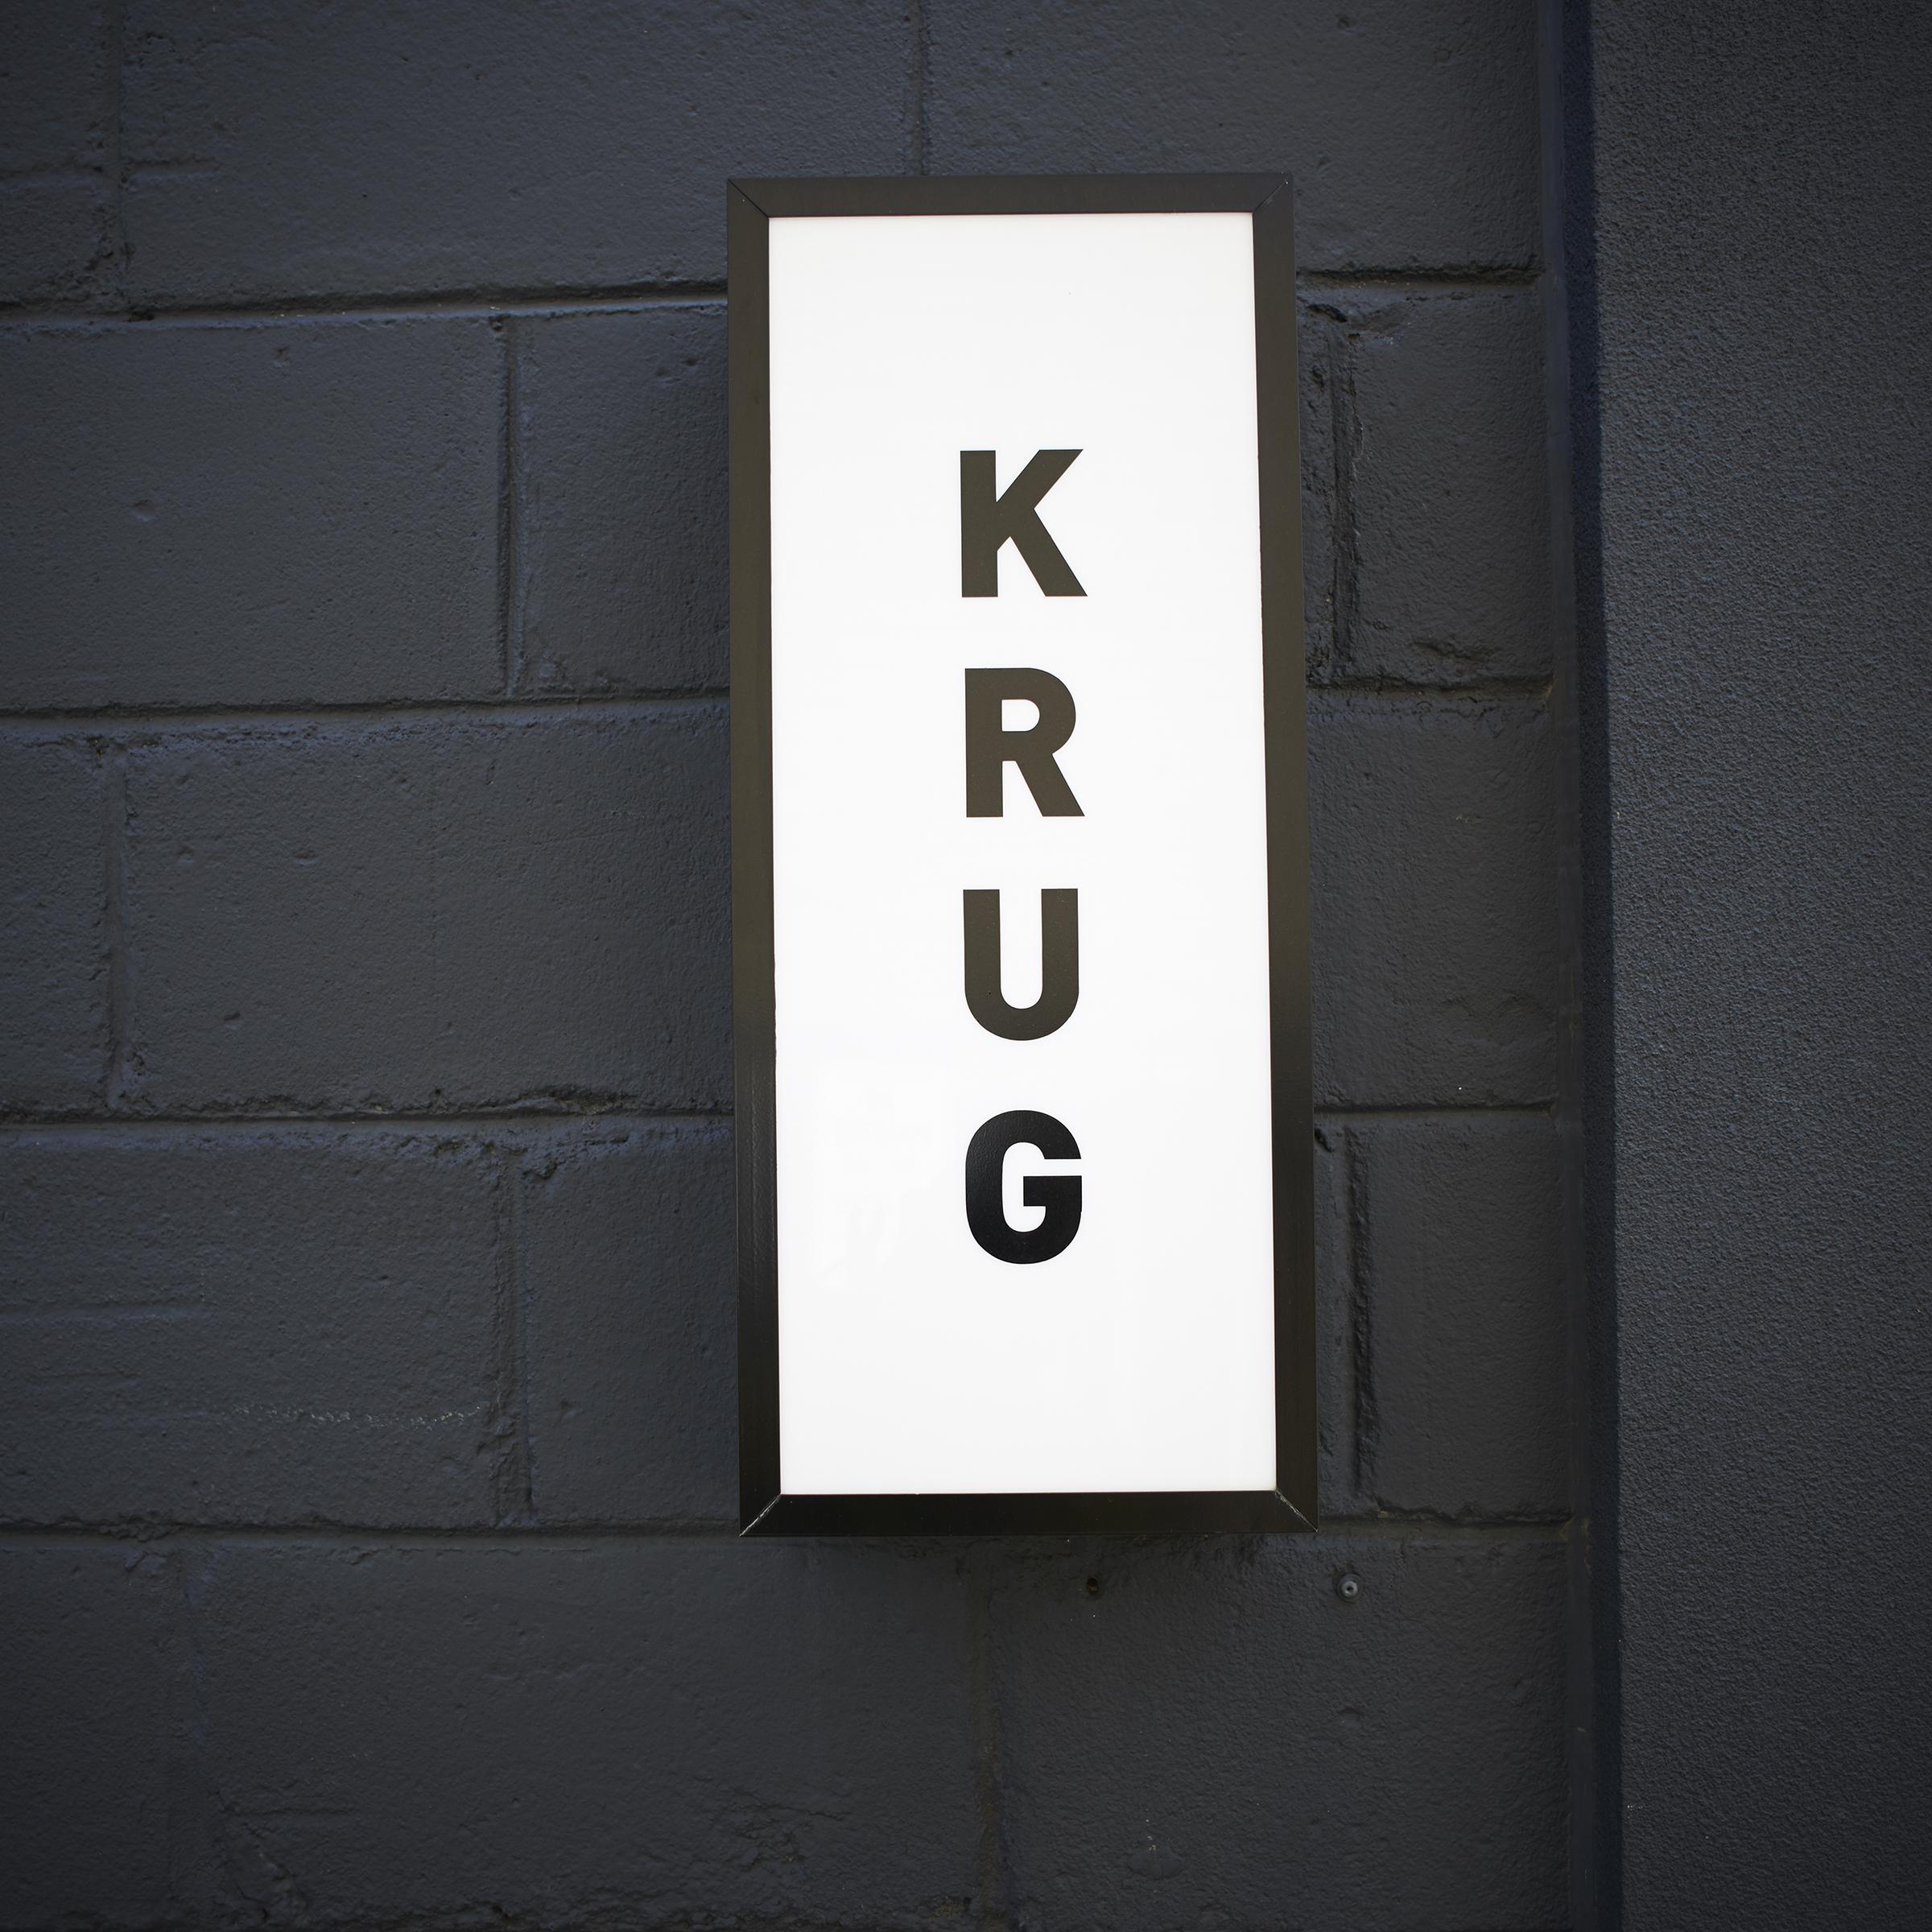 Krug Studios. http://www.krugstudios.com -